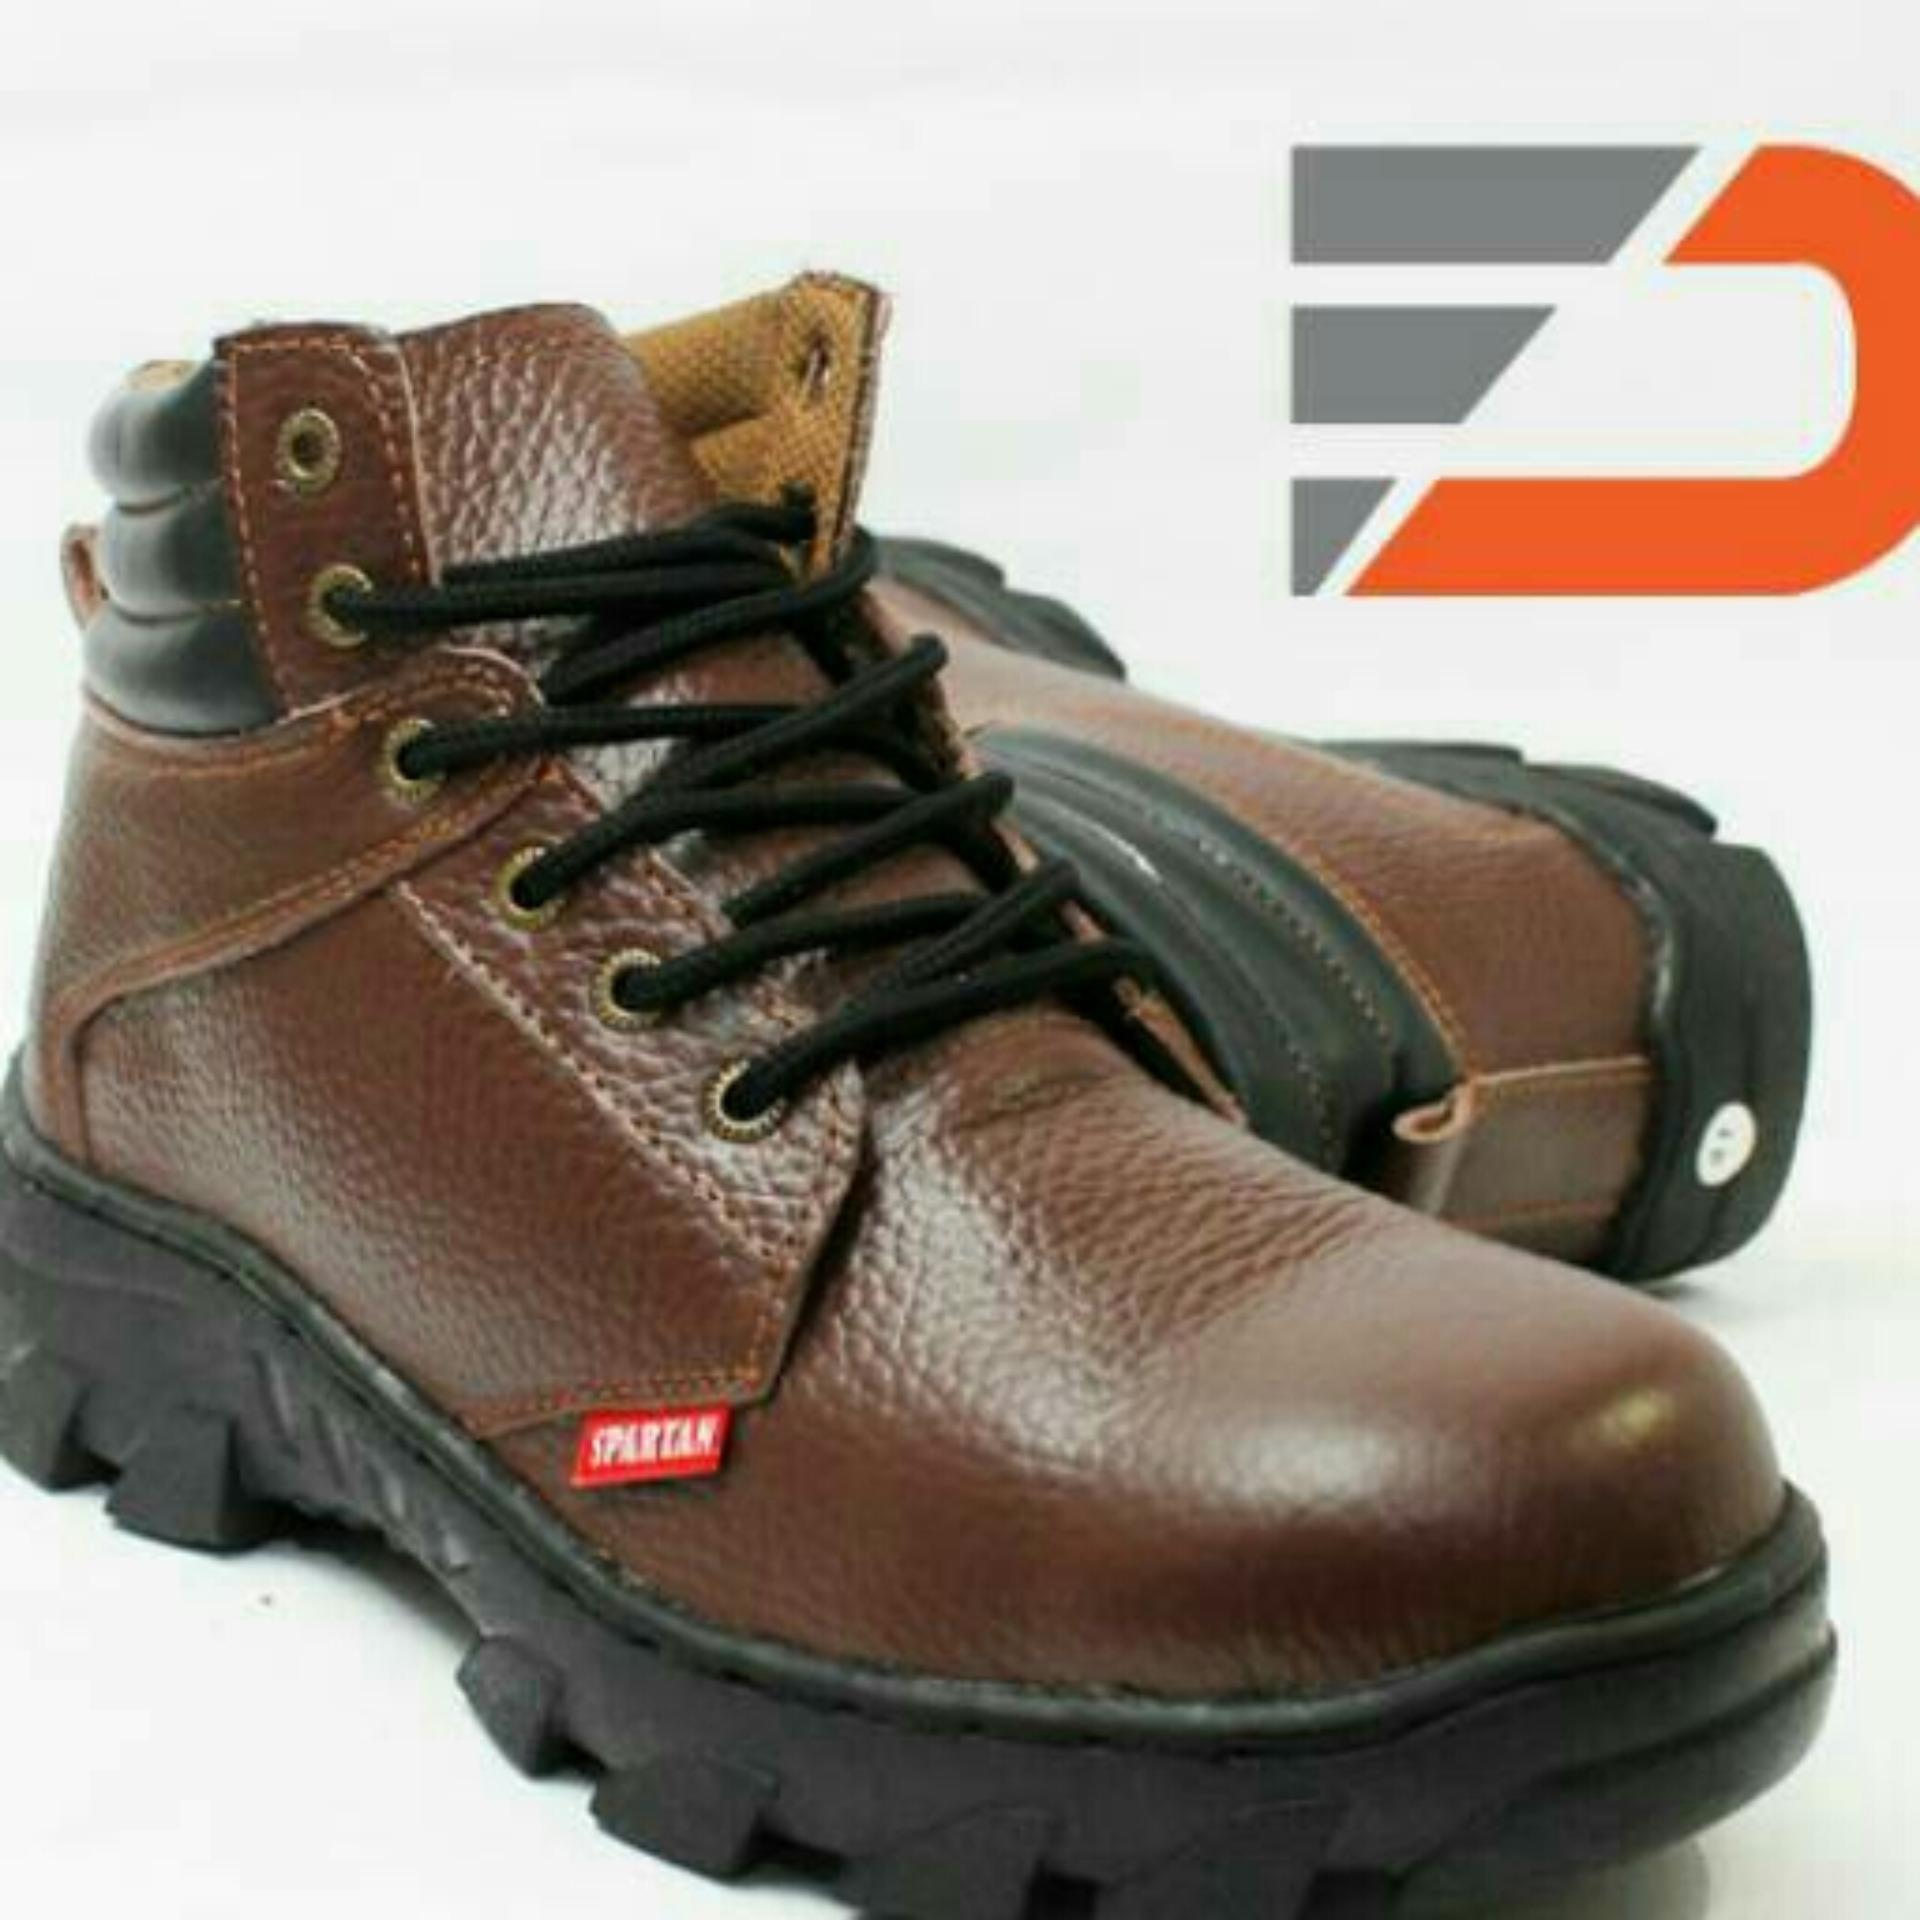 Spesifikasi Sepatu Safety Boots Hiking Touring Kerja Bahan Kulit Sapi Asli Warna Coklat Dan Harganya